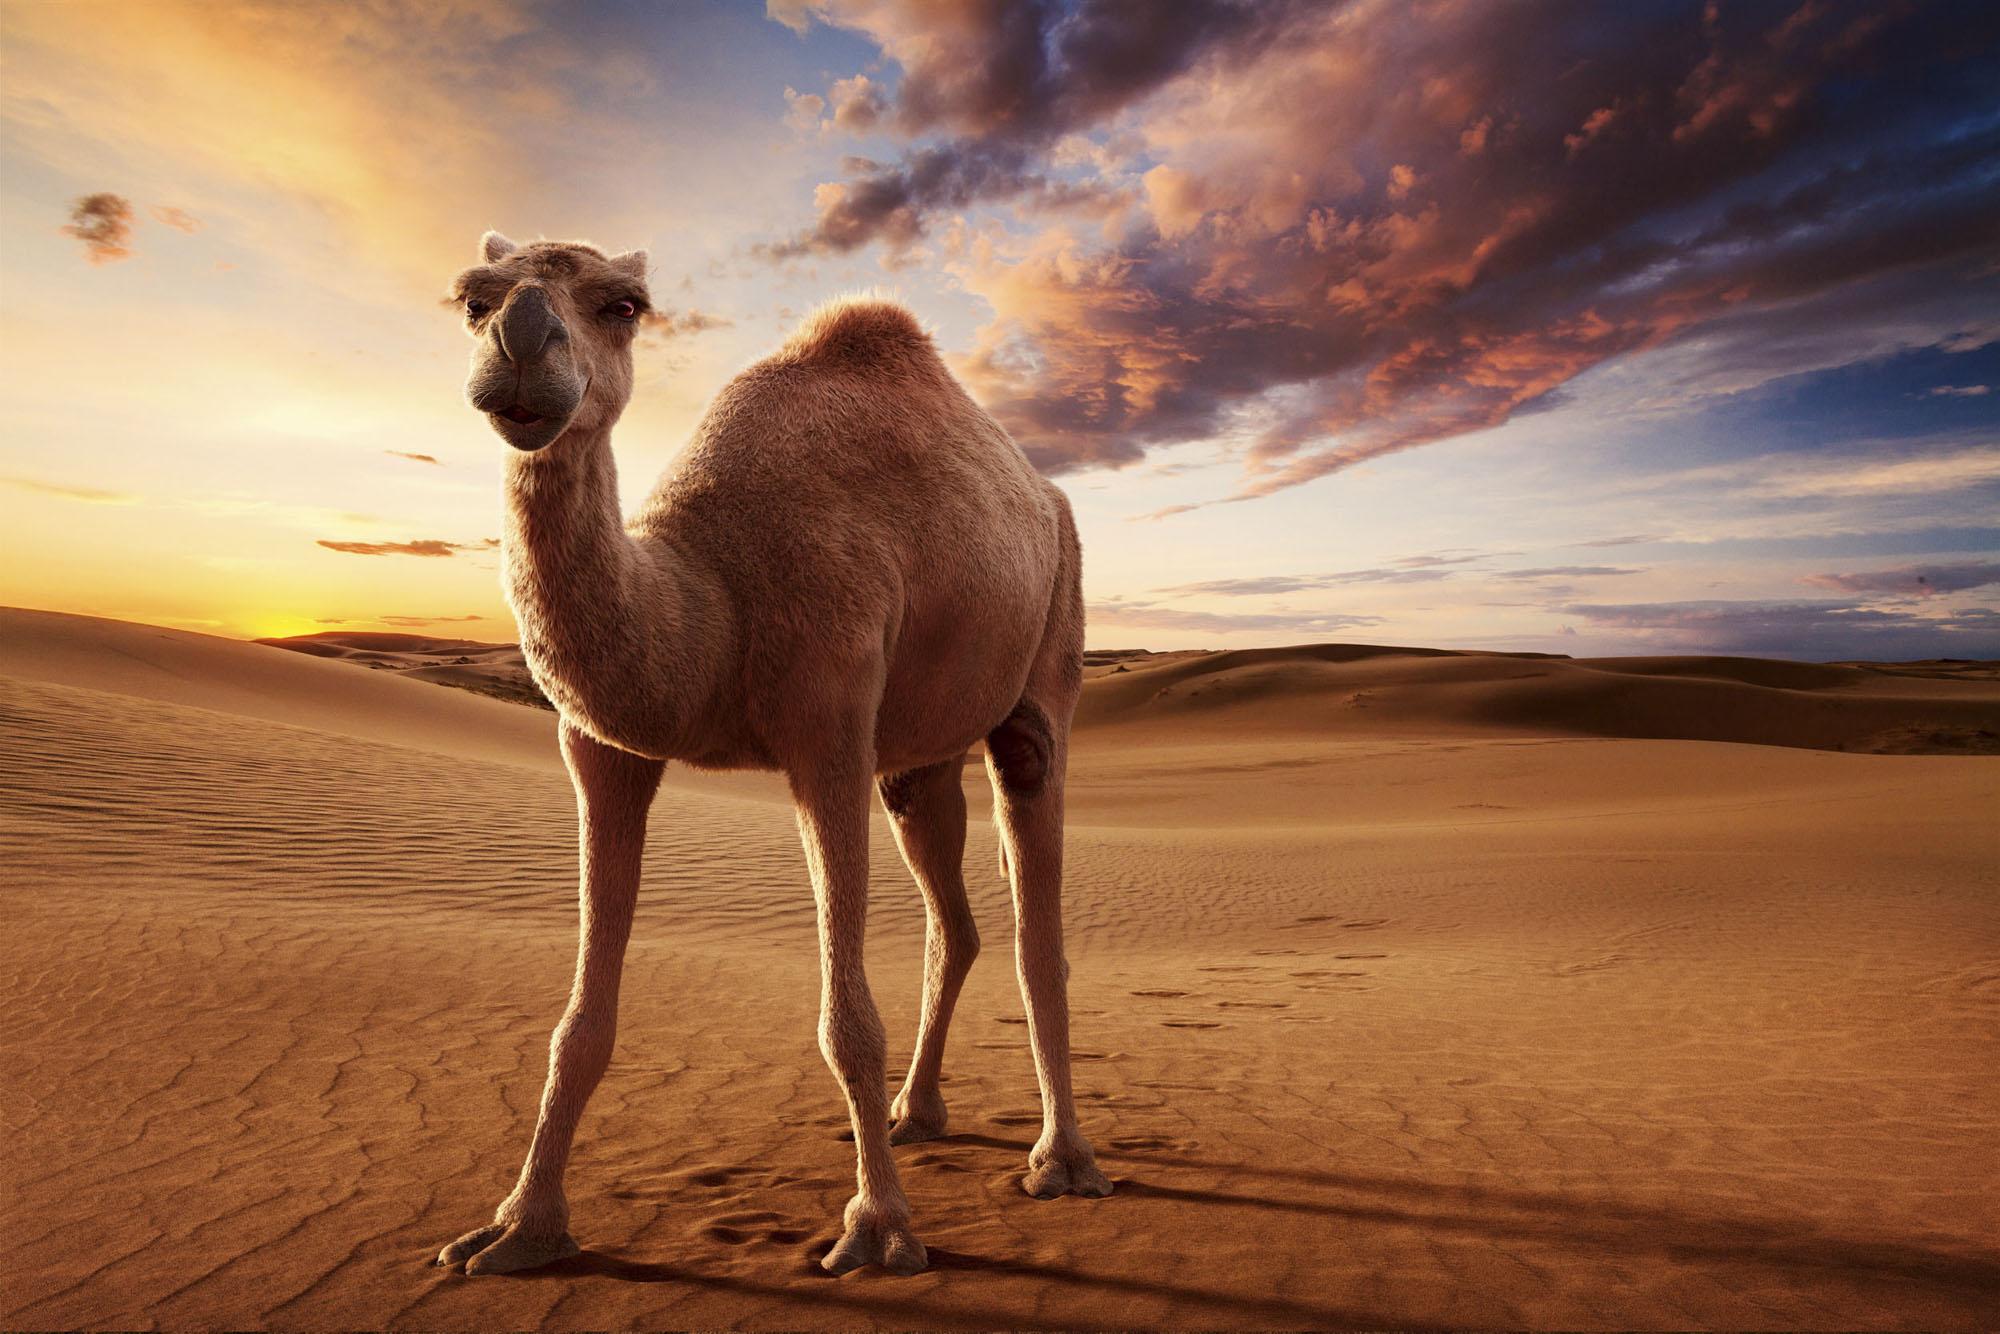 desert-camel-final